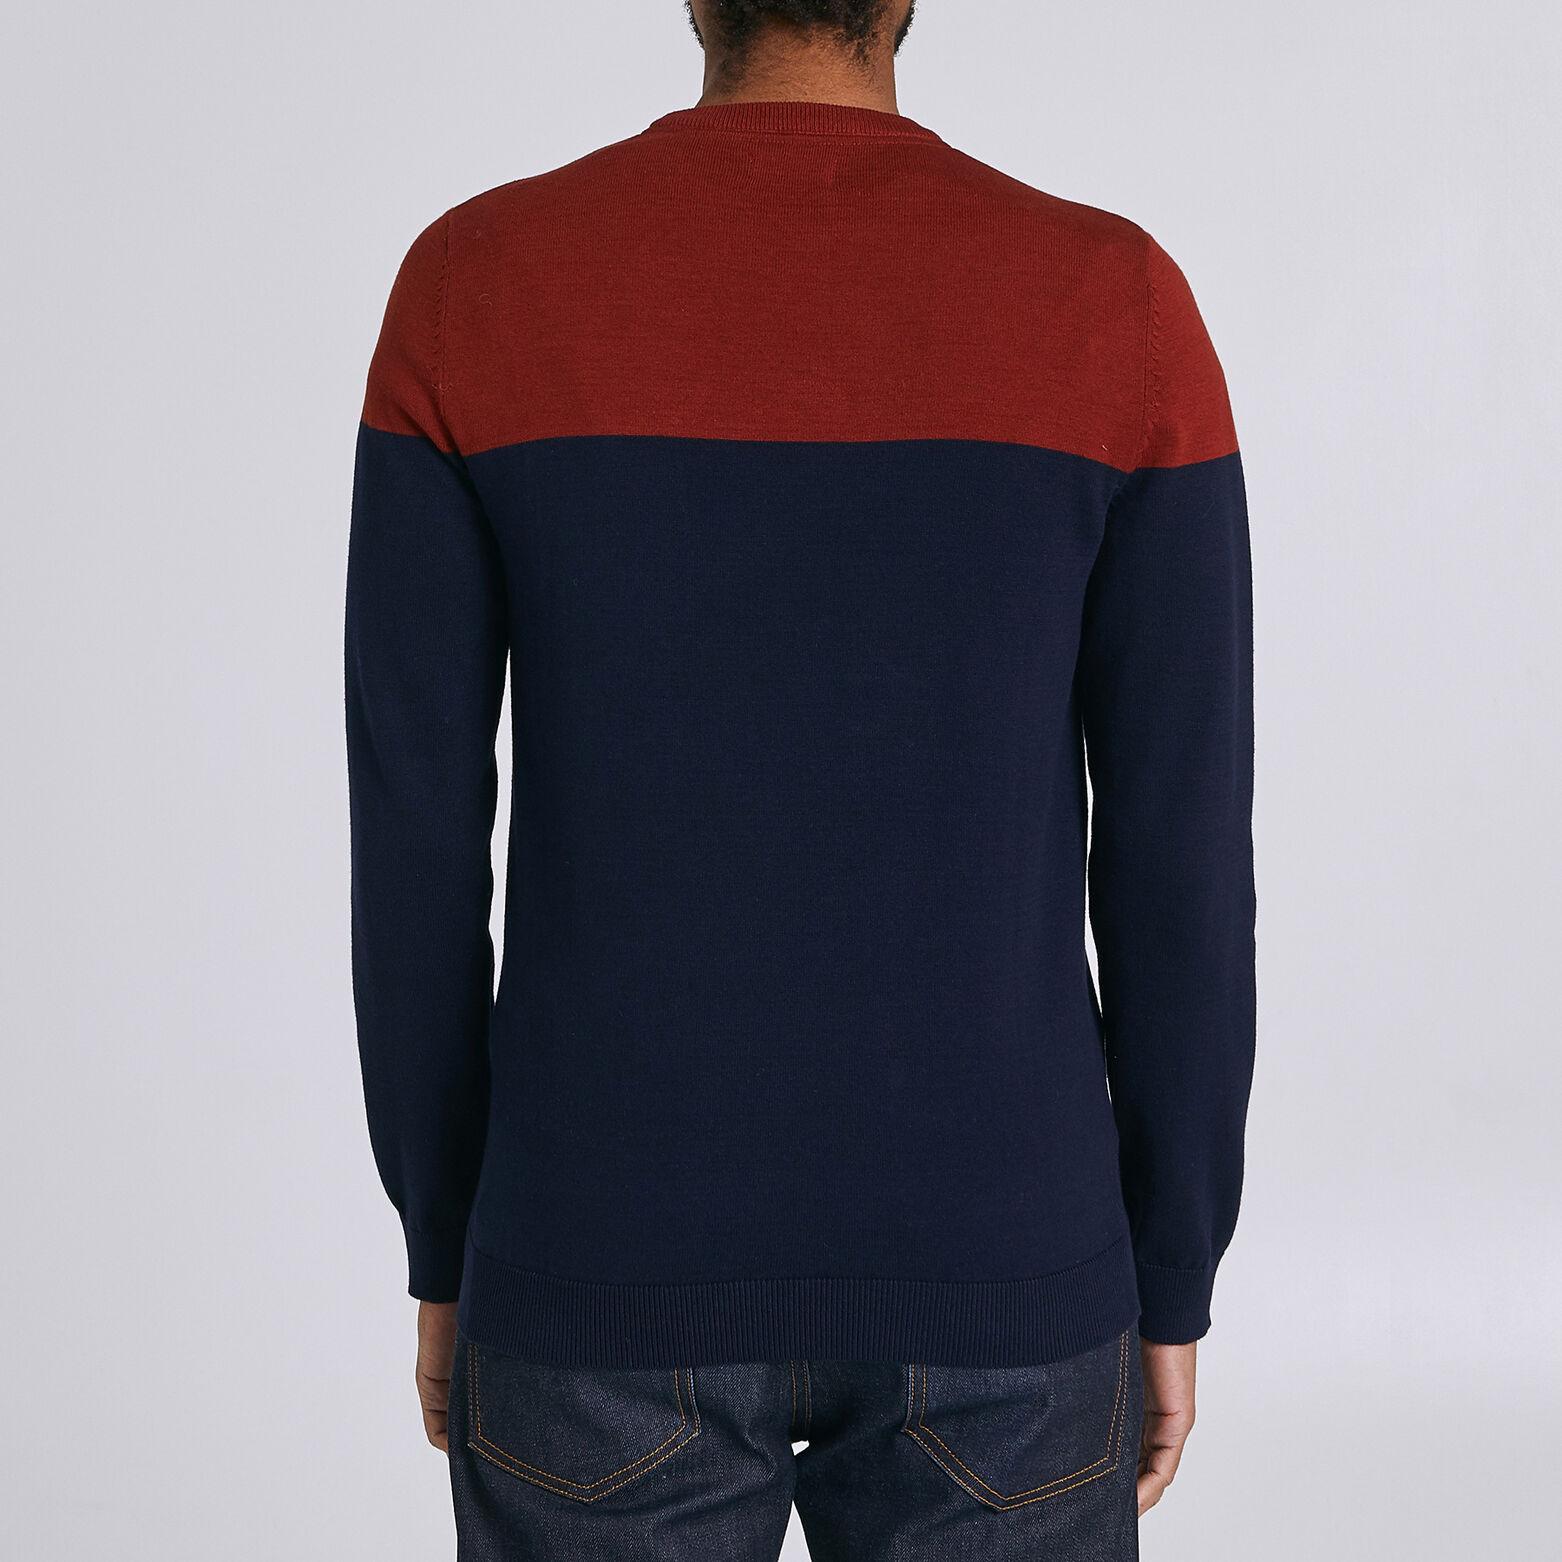 Pull jersey colorblock poche